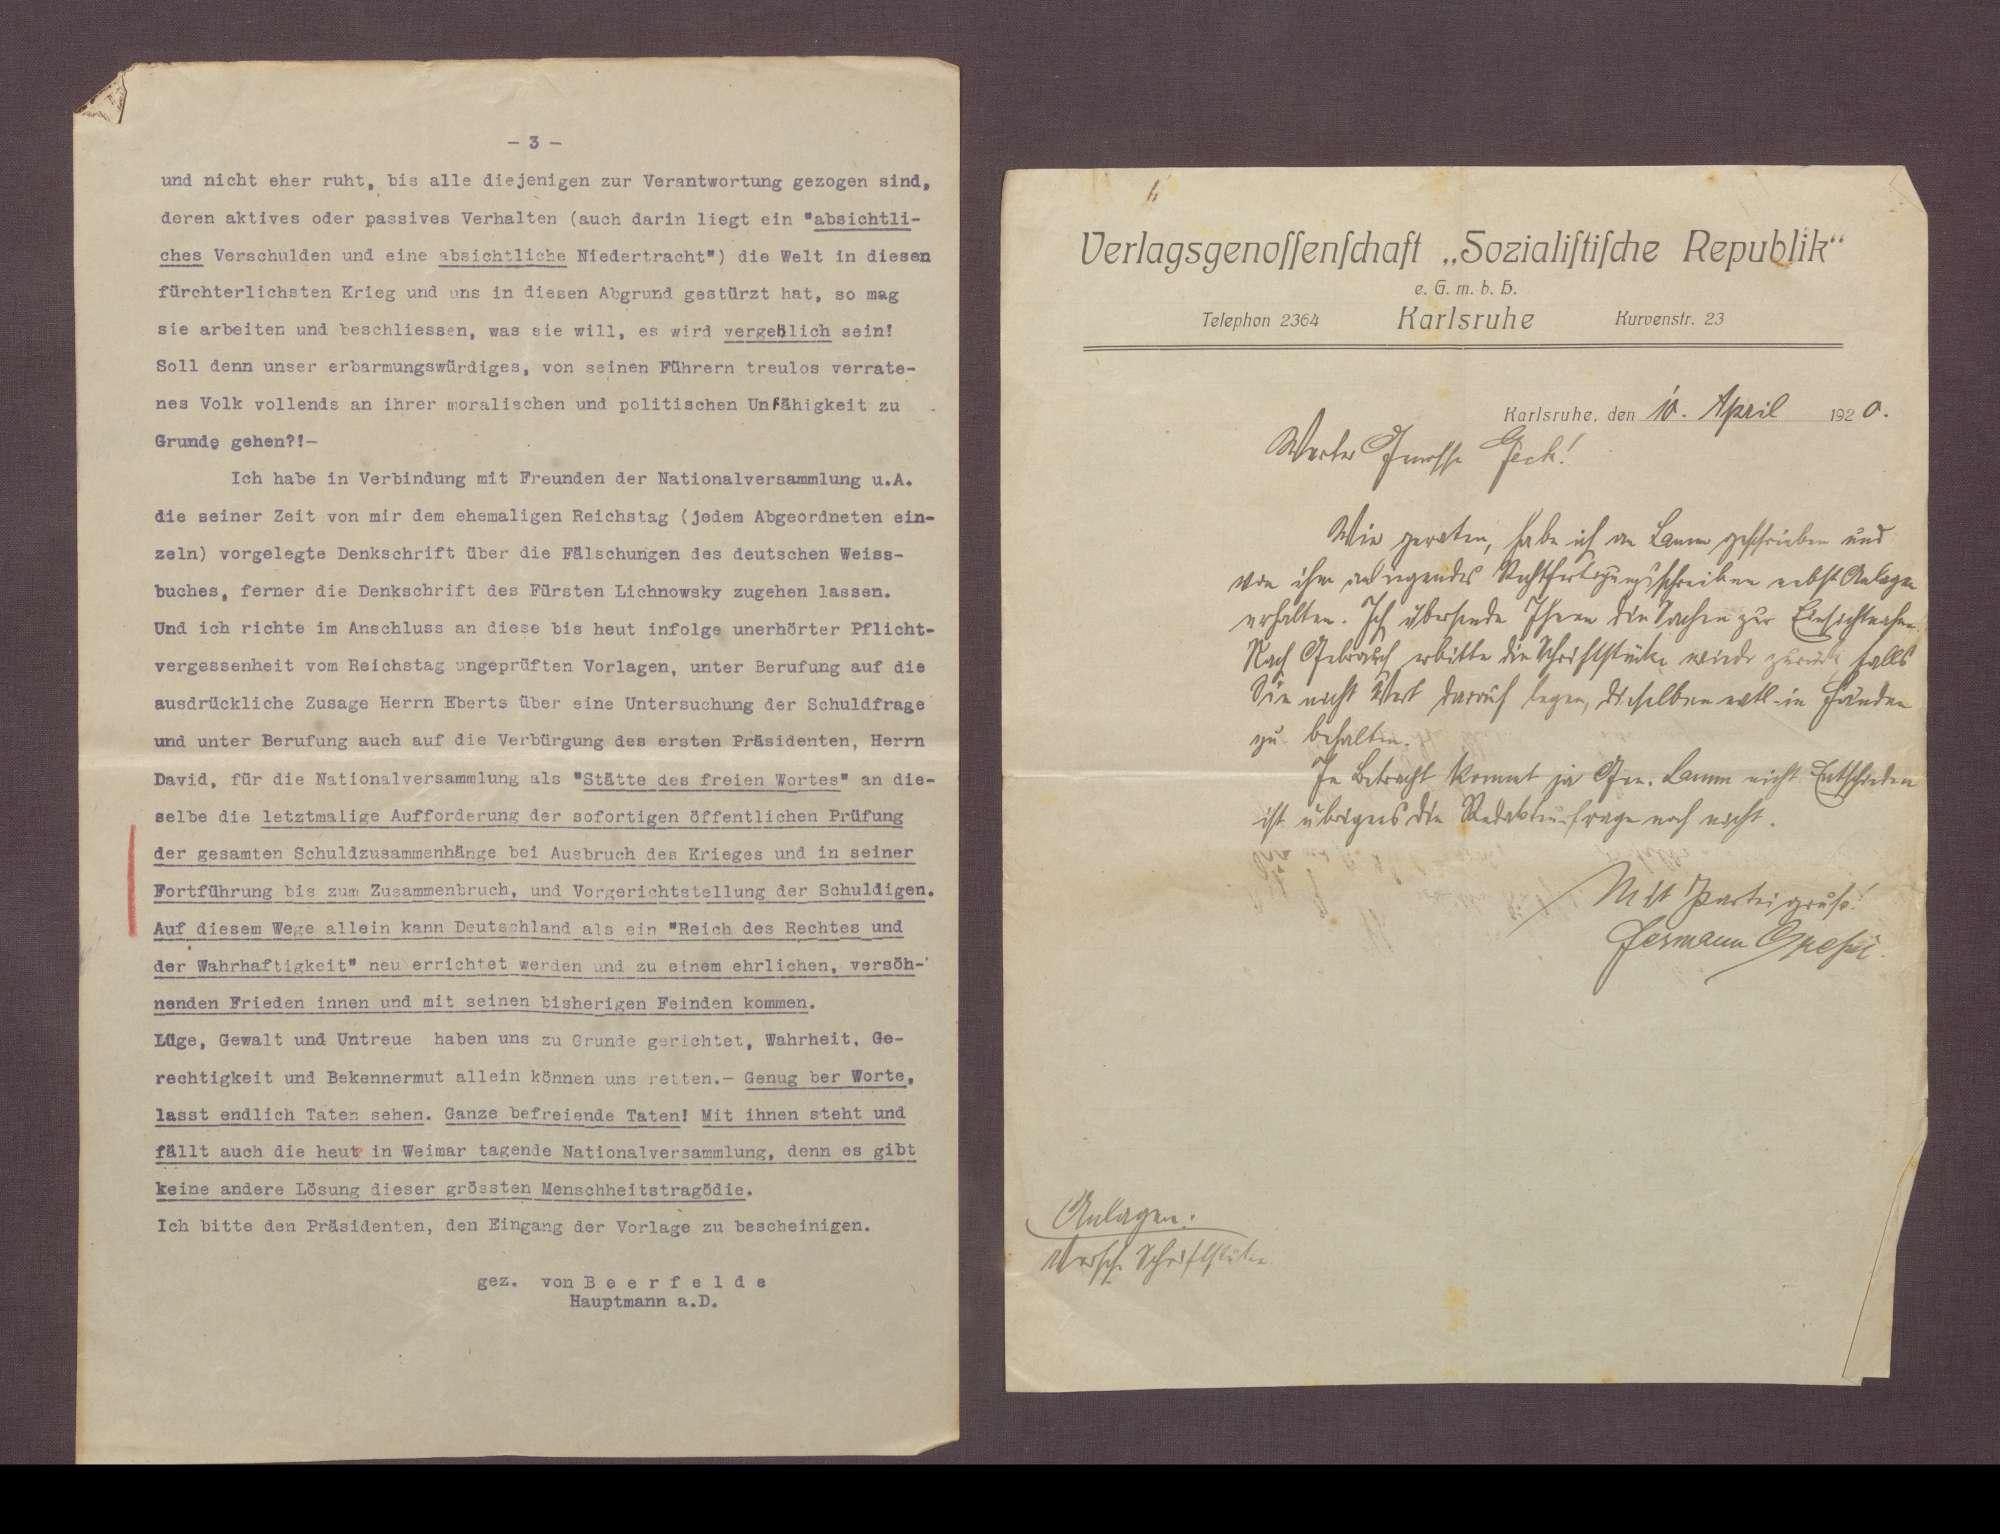 Hermann Lamm an Hermann Gressel: Hauptmann a. D. von Beerfelde am 08.02.1919 an die Mitglieder der Nationalversammlung in Weimar, Berlin, 31.02.1919, Bild 3